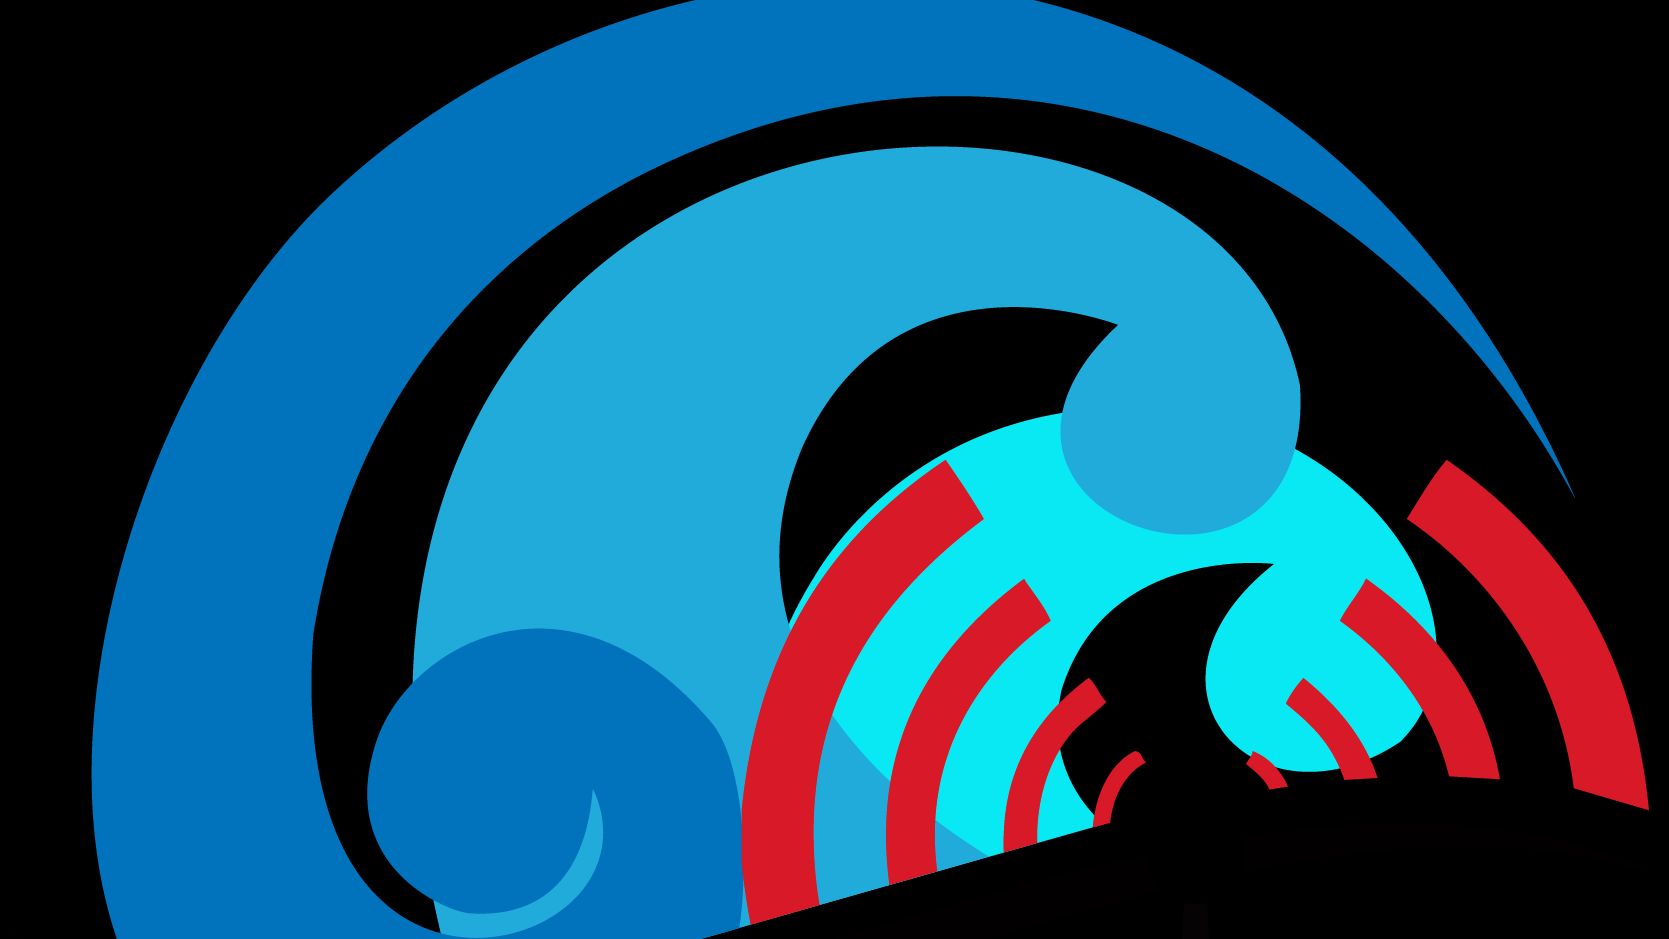 Caribe Wave - Il s'agit d'un exercice de Tsunami fictif organisé par l'Unesco tous les ans pour mieux anticiper et prévoir les impacts des catastrophes naturelles. Embarquez avec nous pour cette aventure! Quelle que soit vos compétences ou votre disponibilité, vous pouvez nous rejoindre et contribuer à la réussite de cet événement.